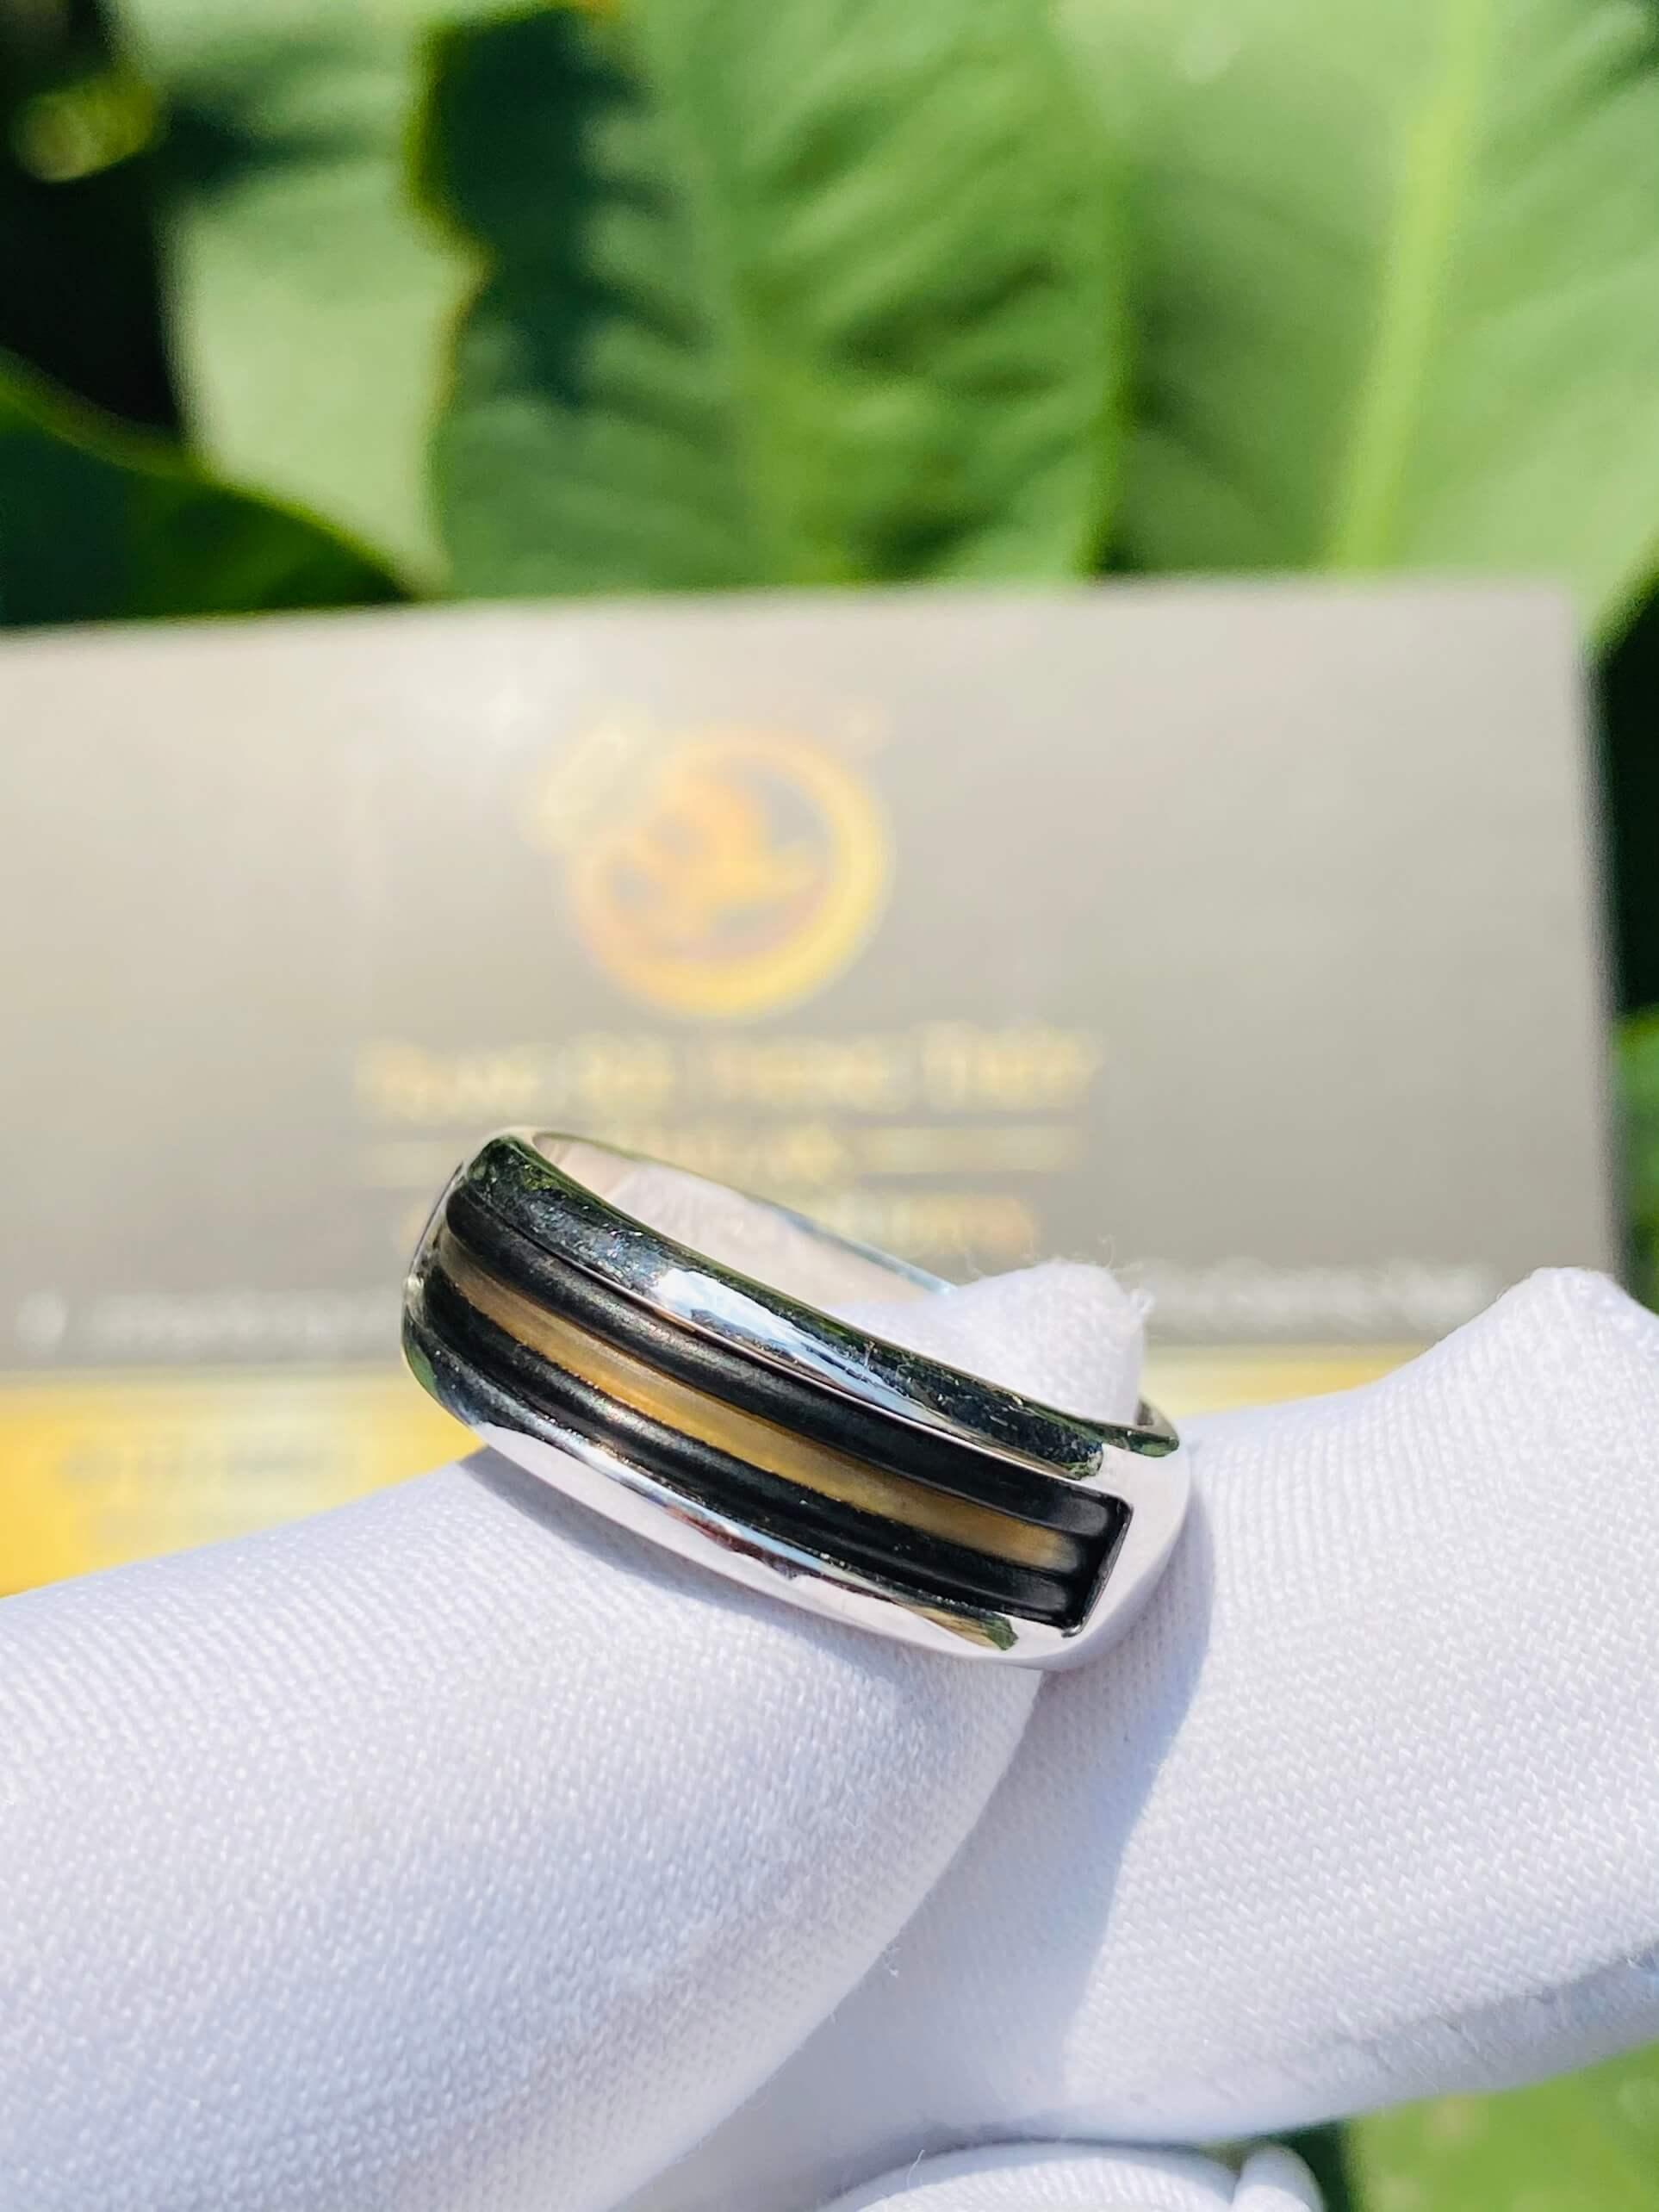 Nhẫn vàng Ý luồng 3 lông đen & trắng Bản Đôn làm tay bảng 6li (lông FAKE) may mắn